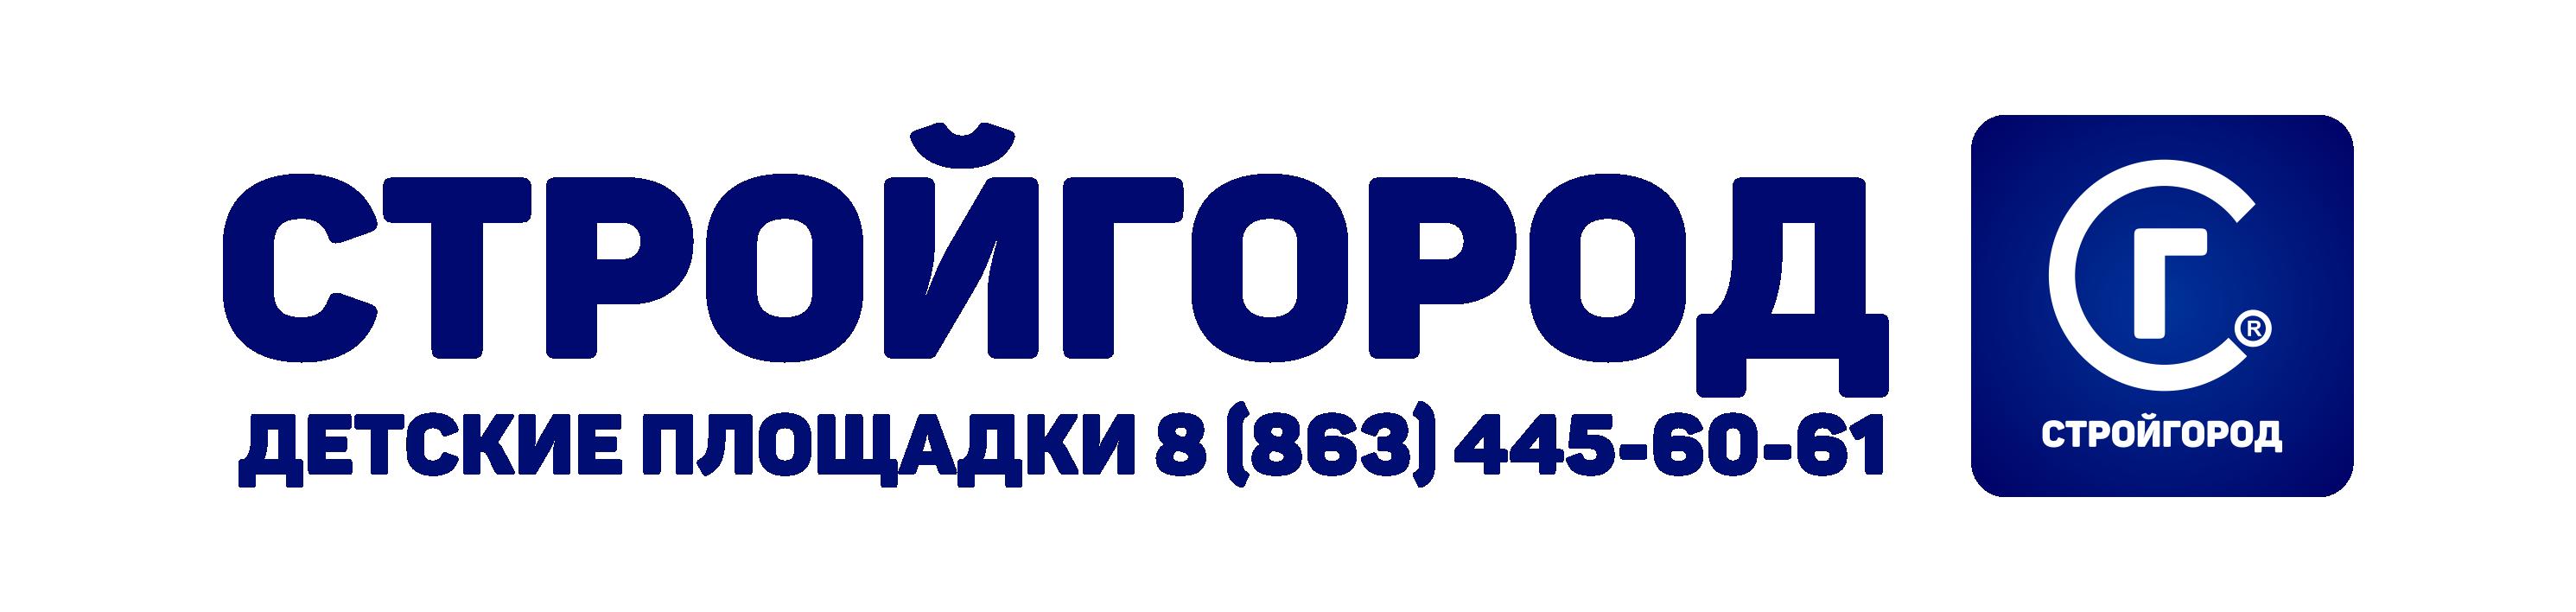 СтройГород-Юг